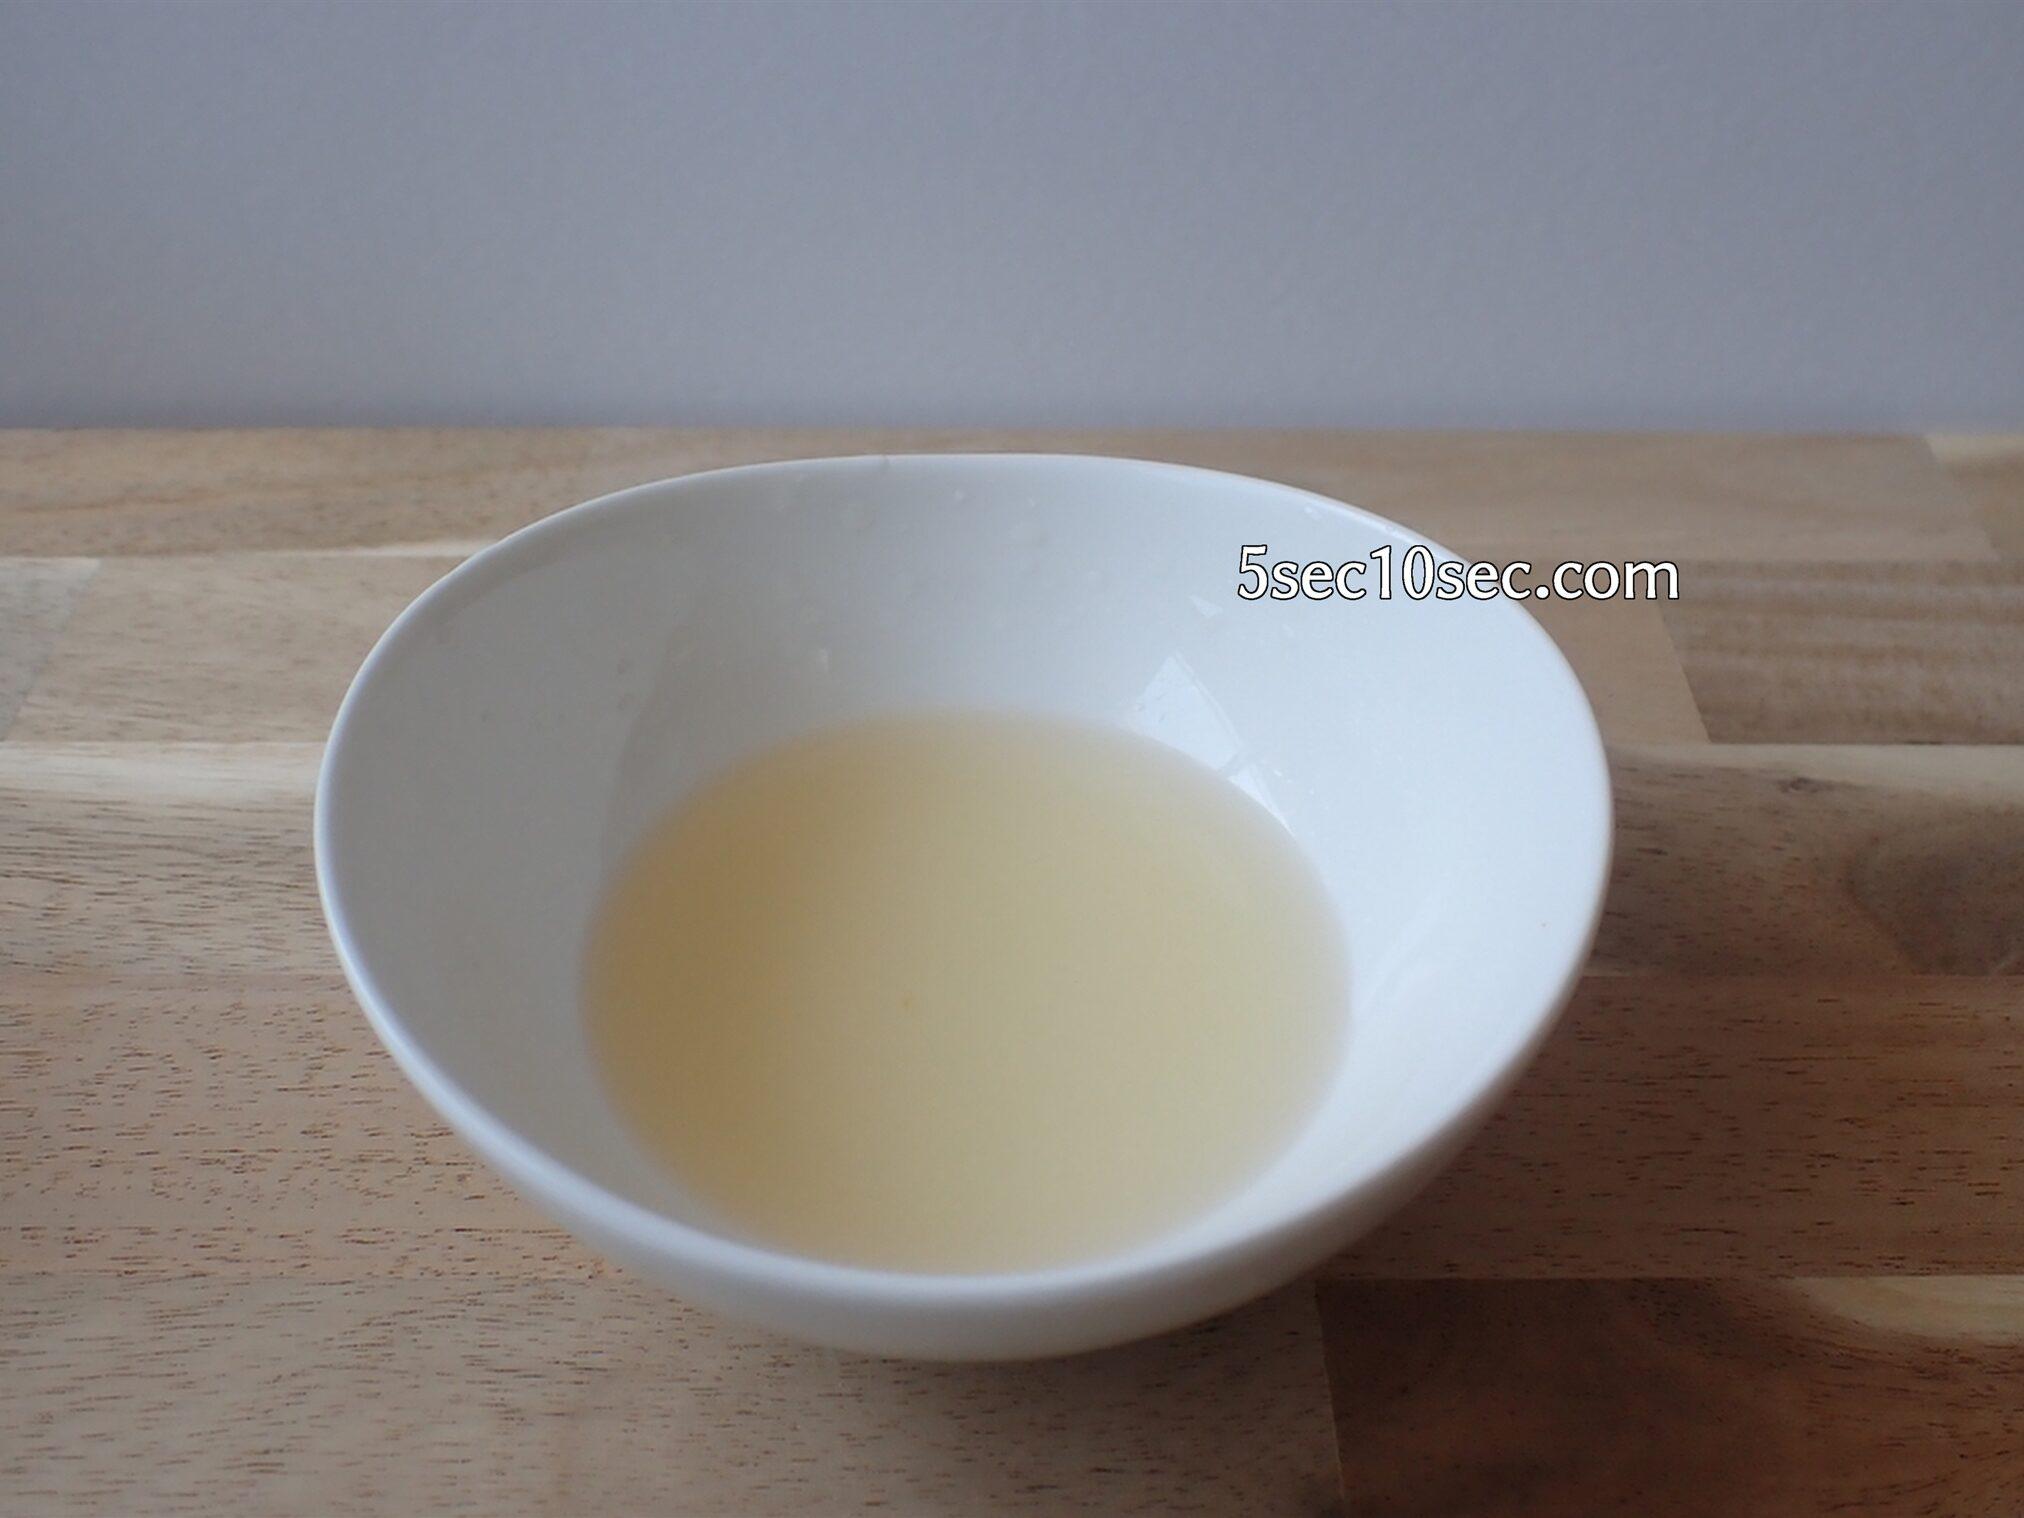 お酒に入れる甘味料として砂糖と水を電子レンジで溶かしておく